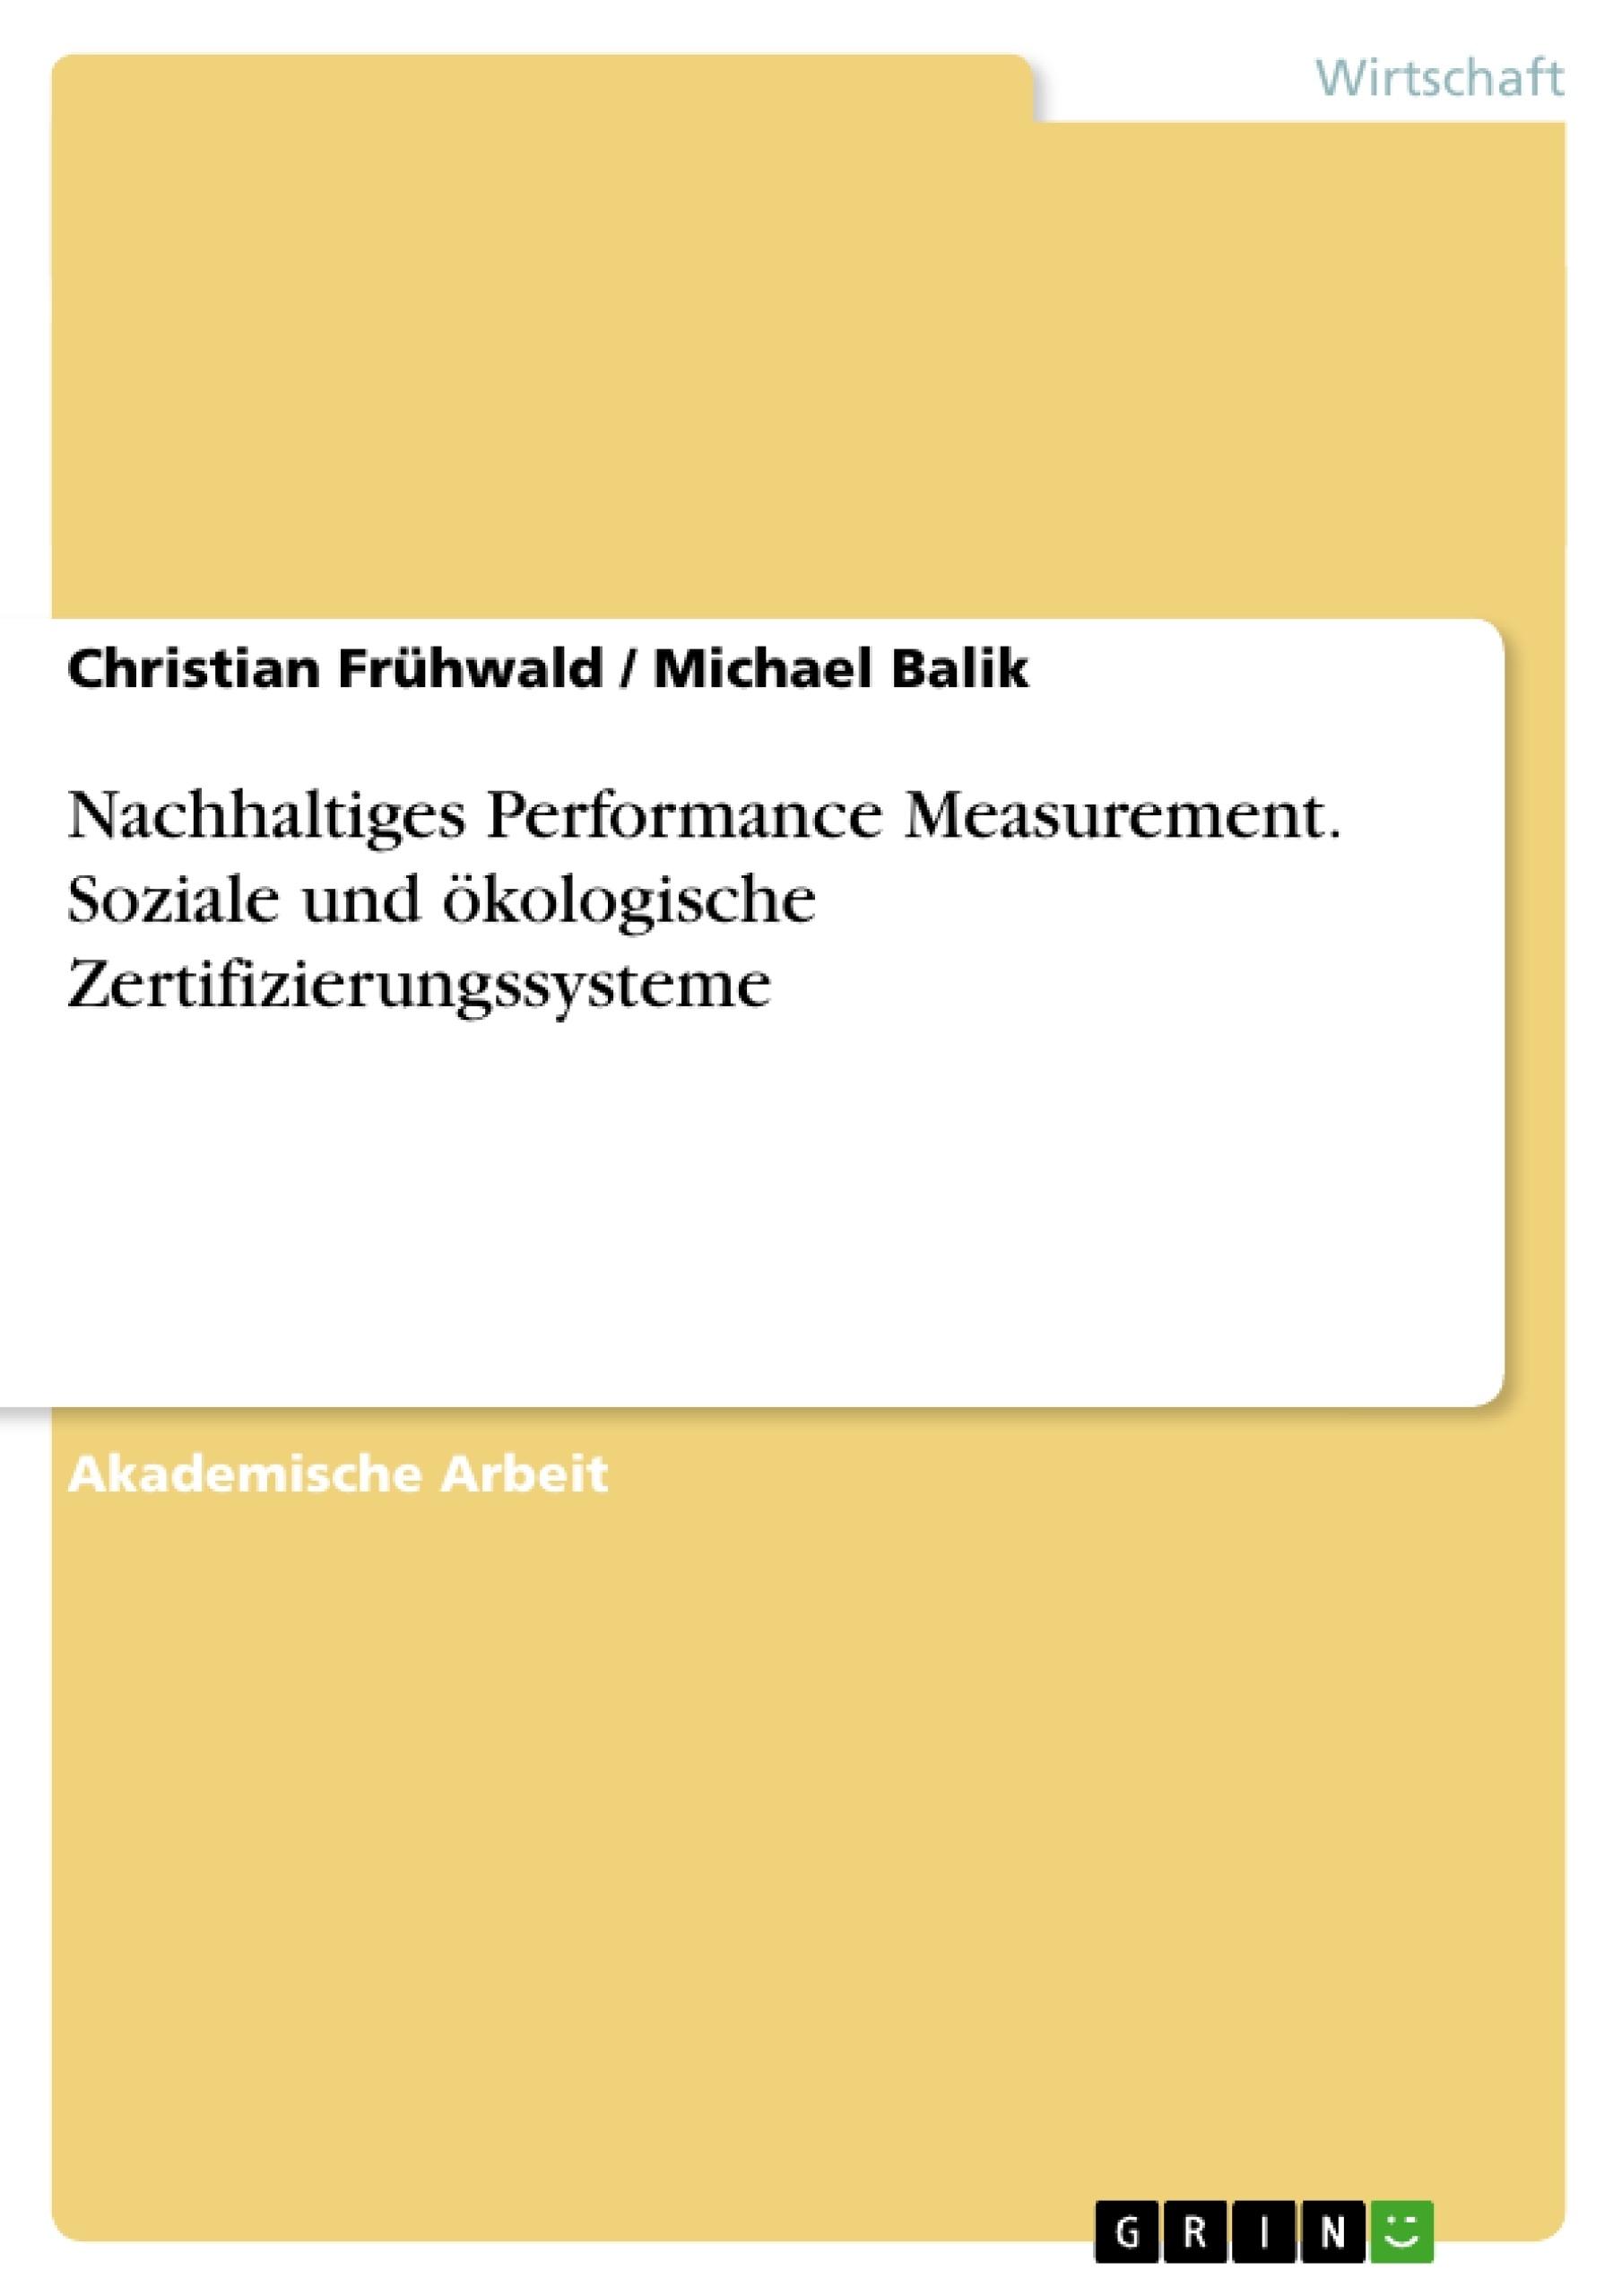 Titel: Nachhaltiges Performance Measurement. Soziale und ökologische Zertifizierungssysteme